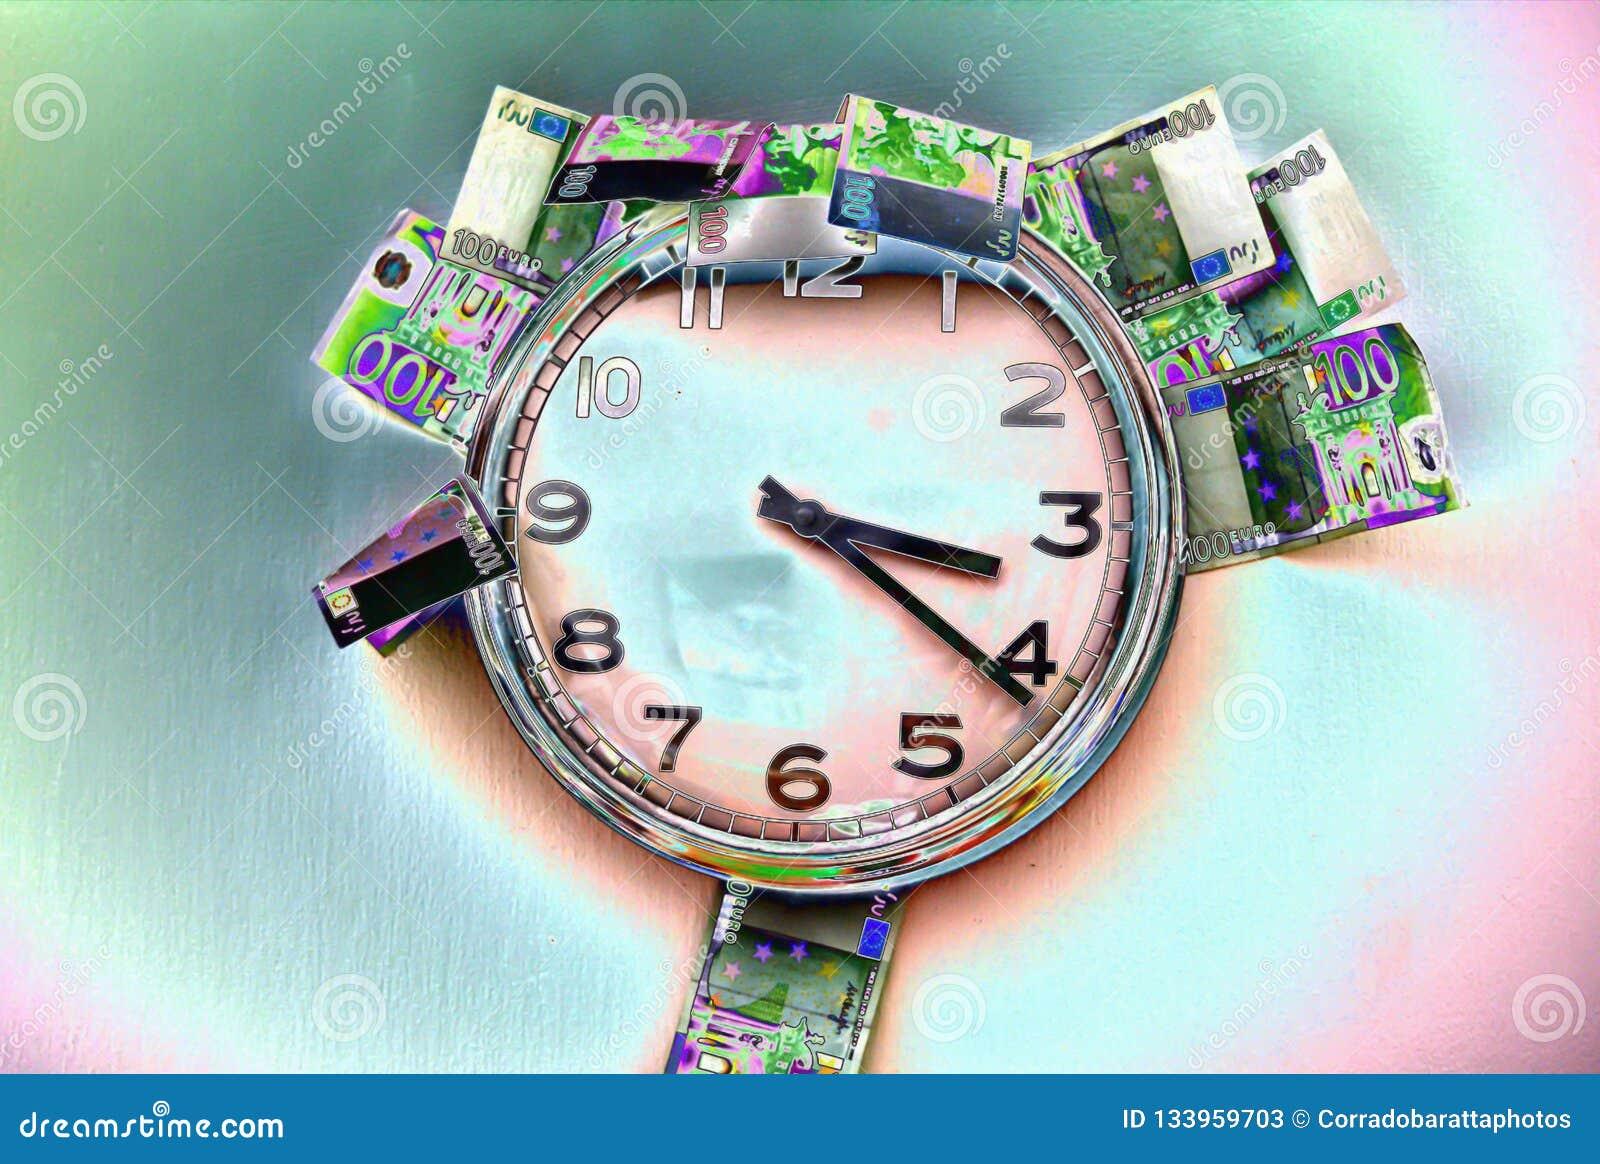 O tempo está correndo para fora para comprar os últimos presentes, com o dinheiro restante